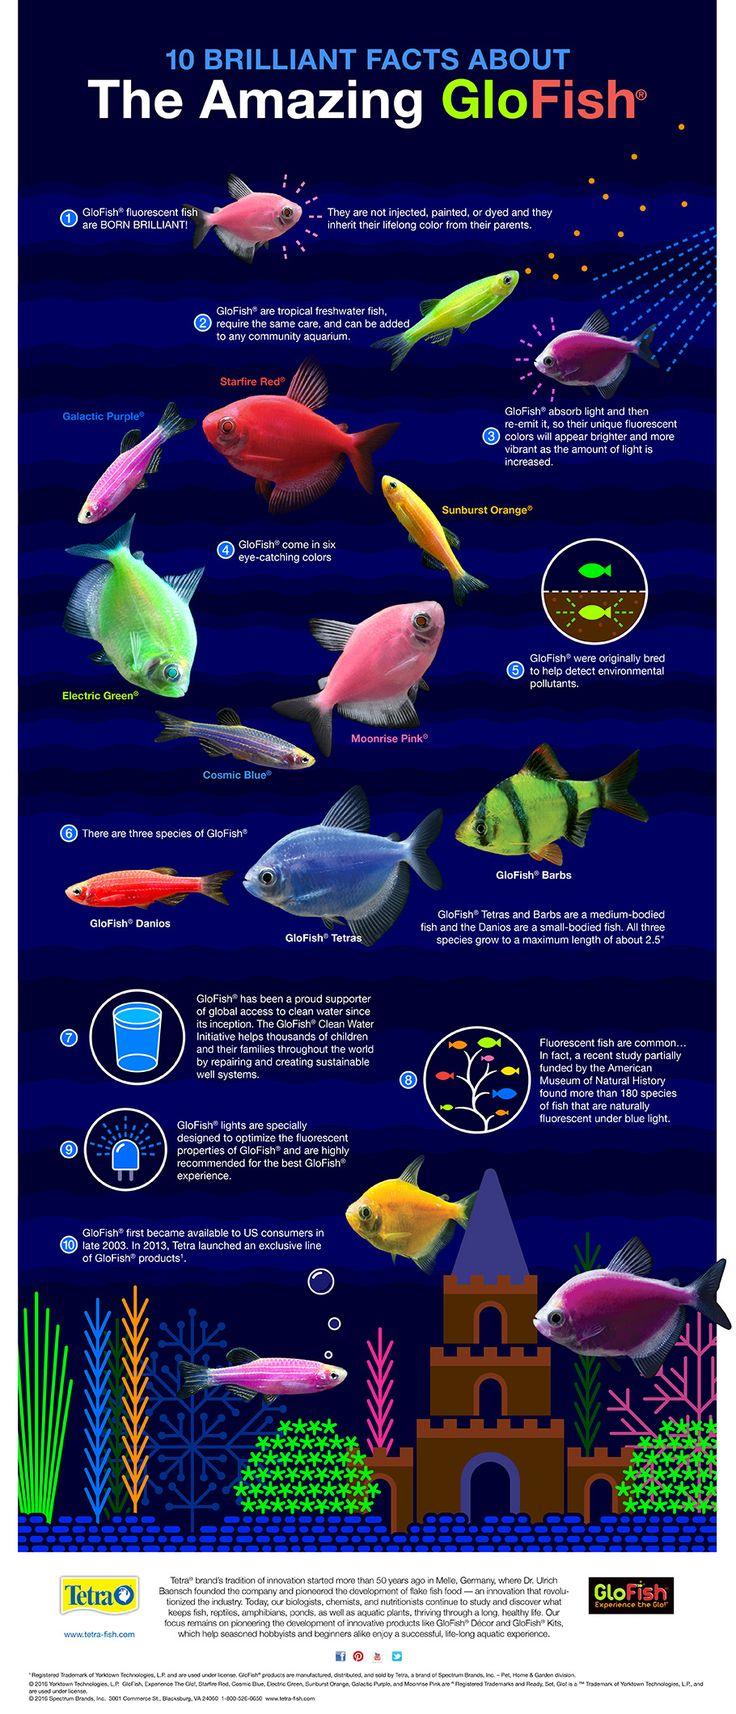 Fish aquarium ideas - Best 25 Aquarium Ideas Ideas On Pinterest Aquarium Fish Tank And Fish Tanks